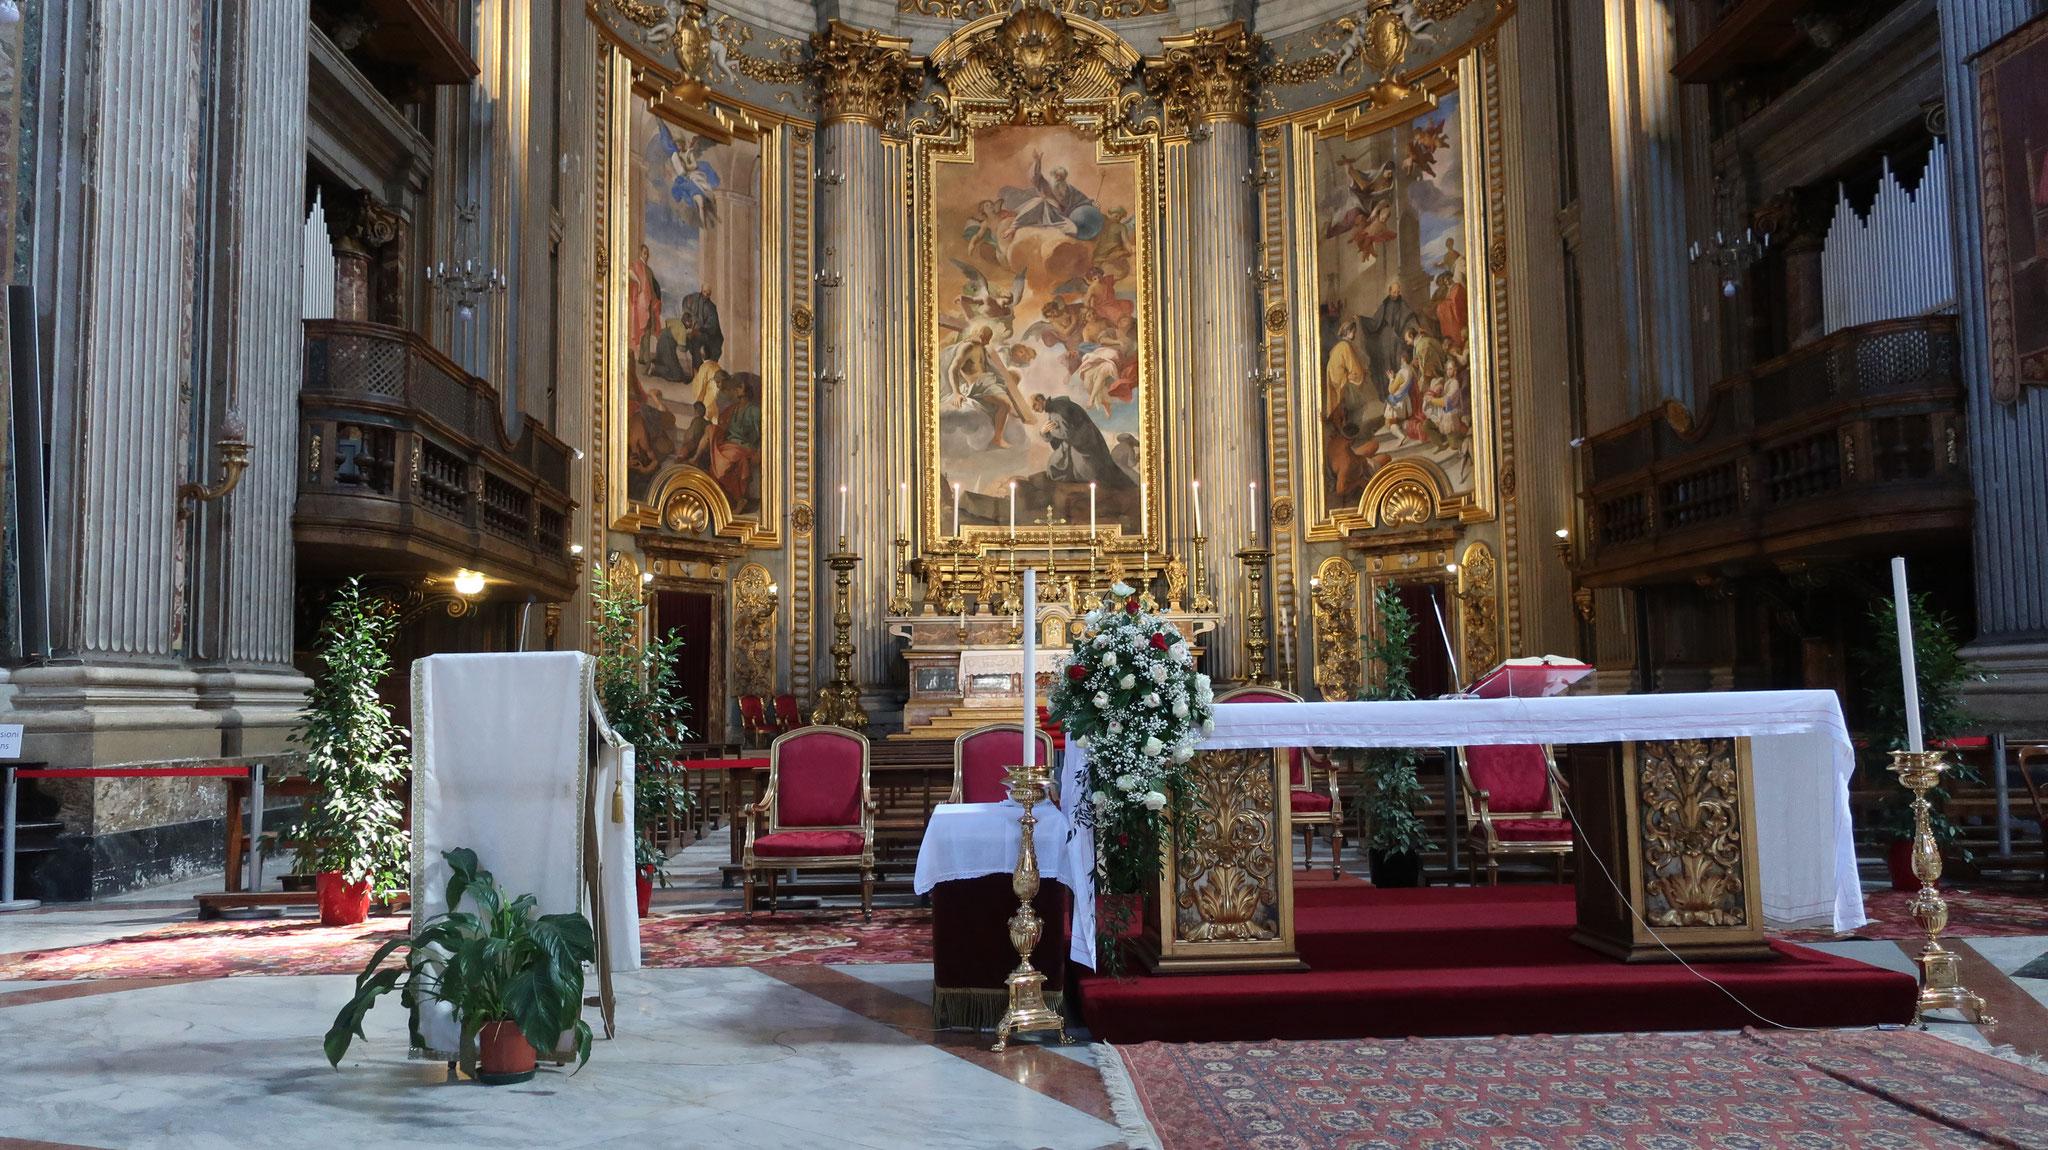 聖イグナチウス・ロヨラ教会。イエズス会の創設者です。